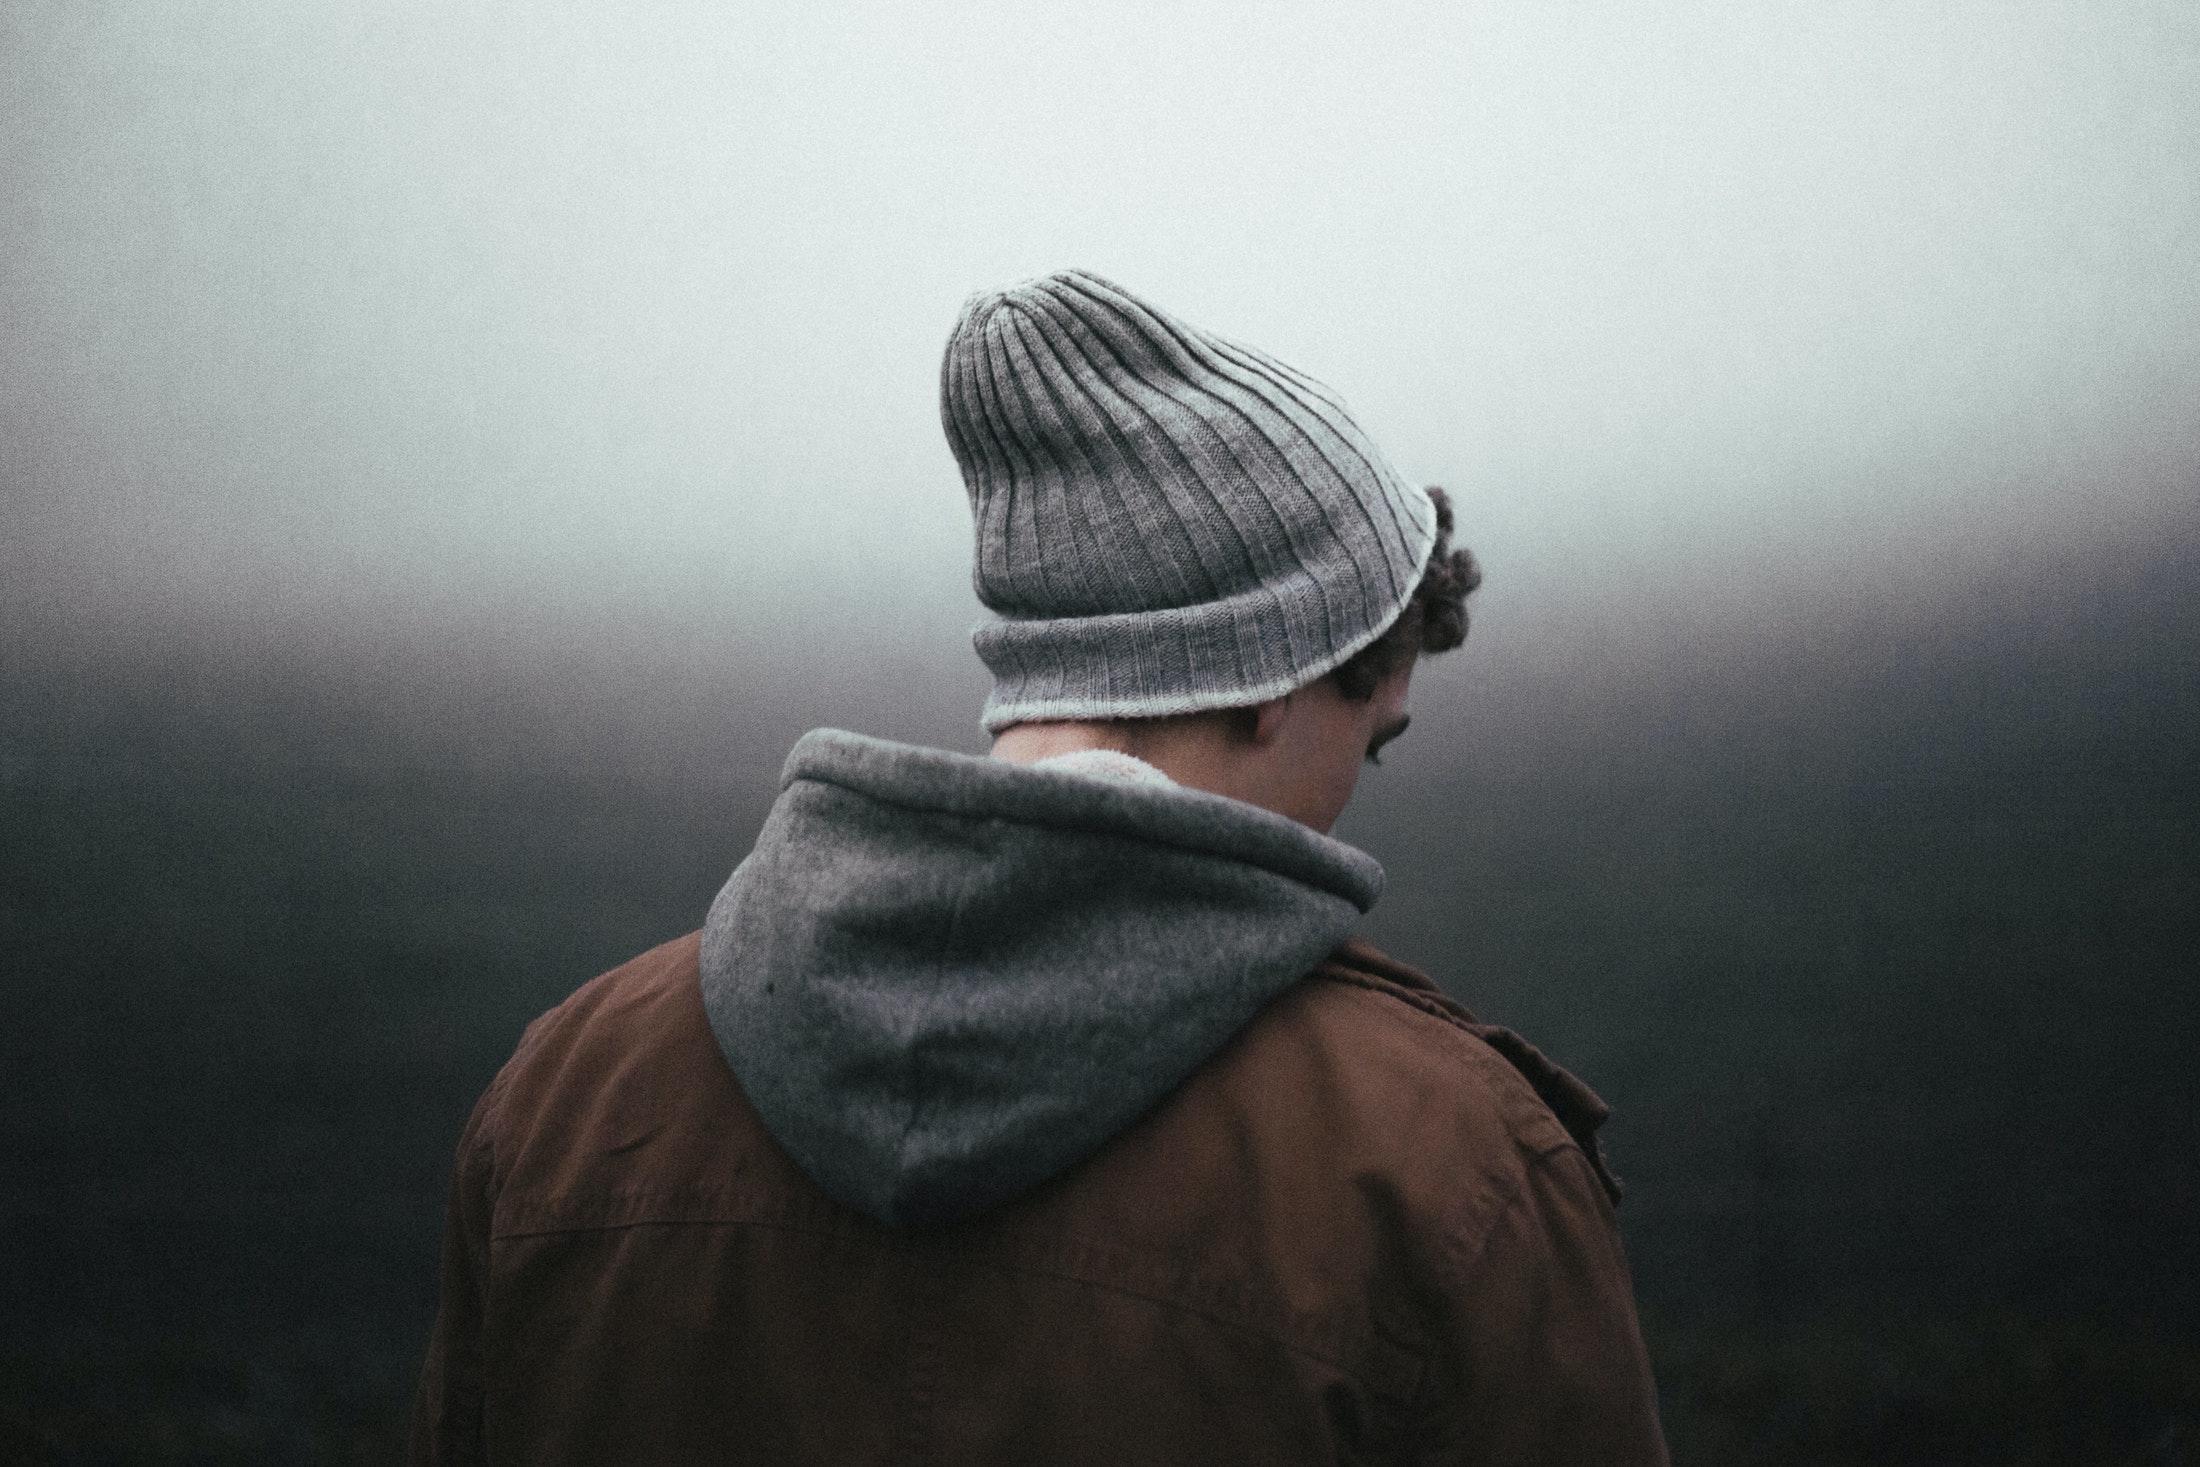 Man looking downward, viewed from behind.